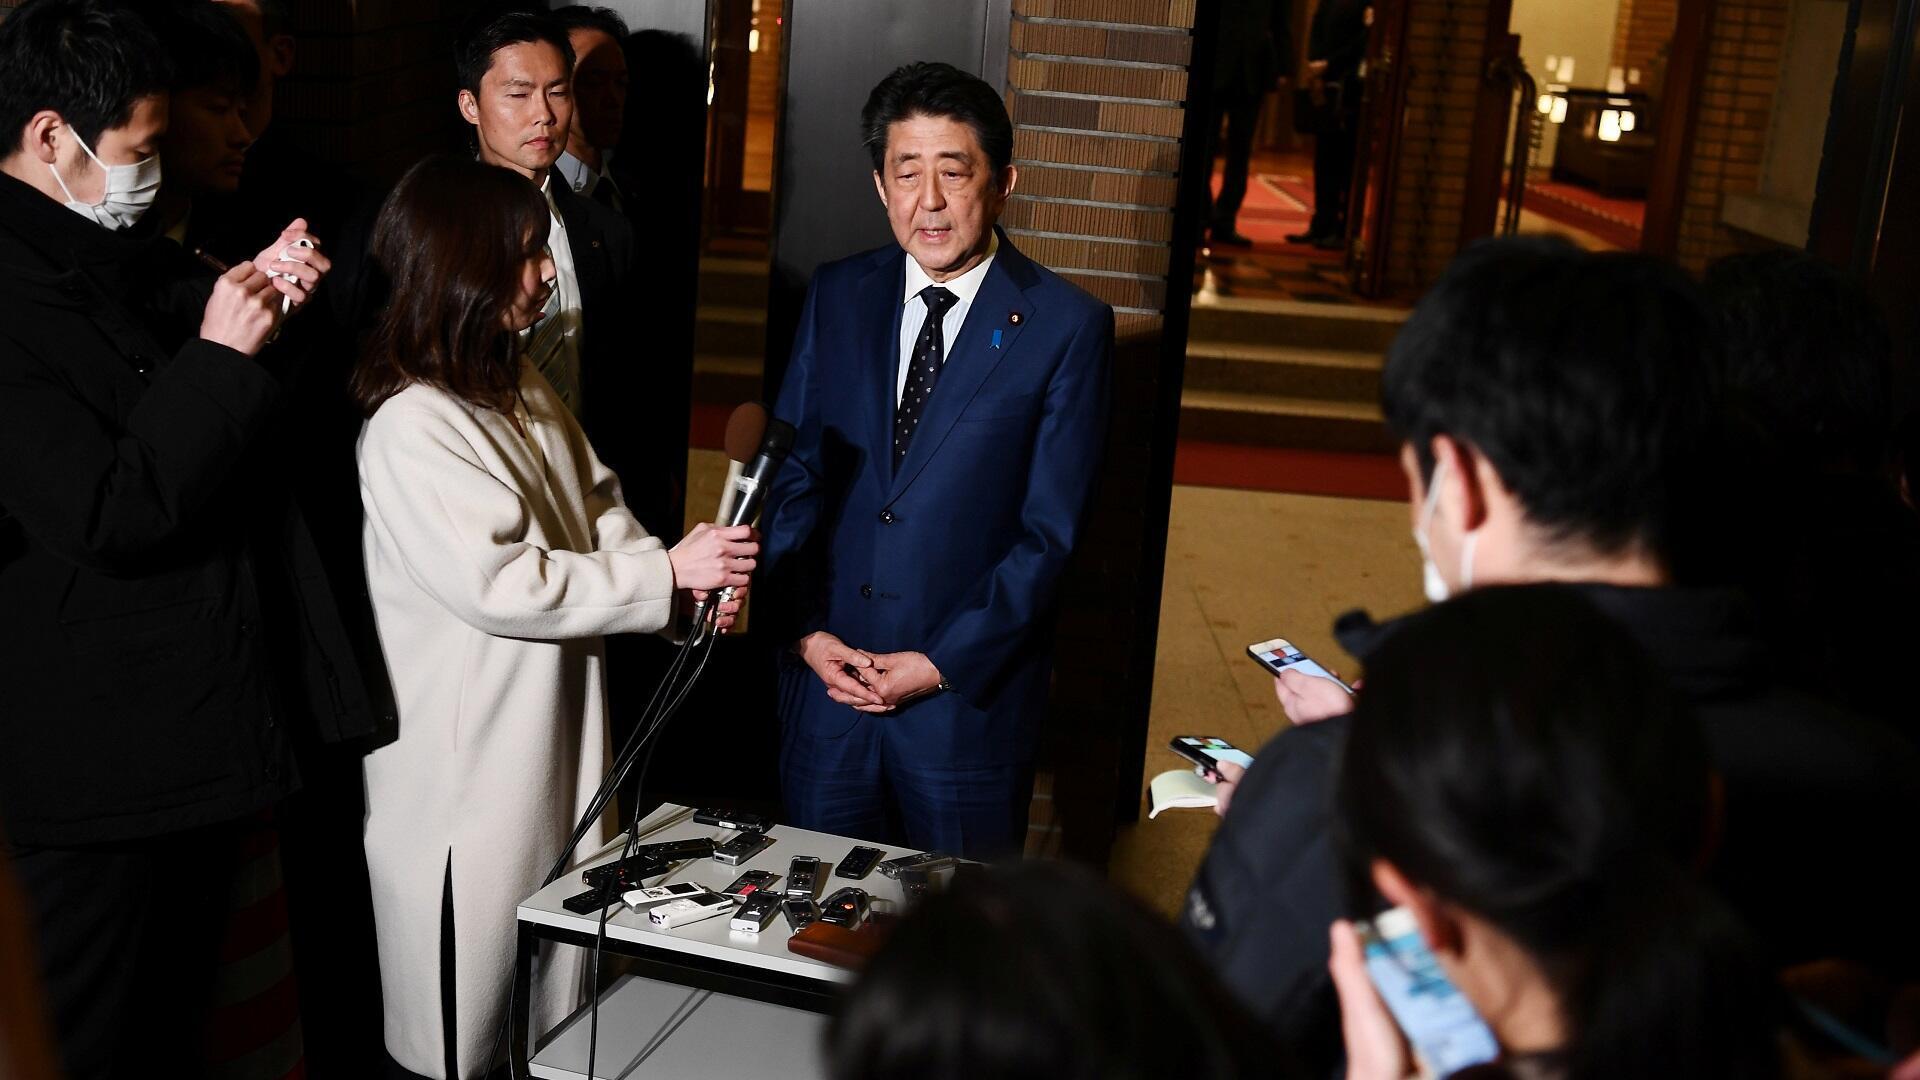 رئيس الوزراء الياباني شينزو آبي متحدثا للصحافيين حول تأجيل أولمبياد طوكيو، 24 مارس/آذار 2020.